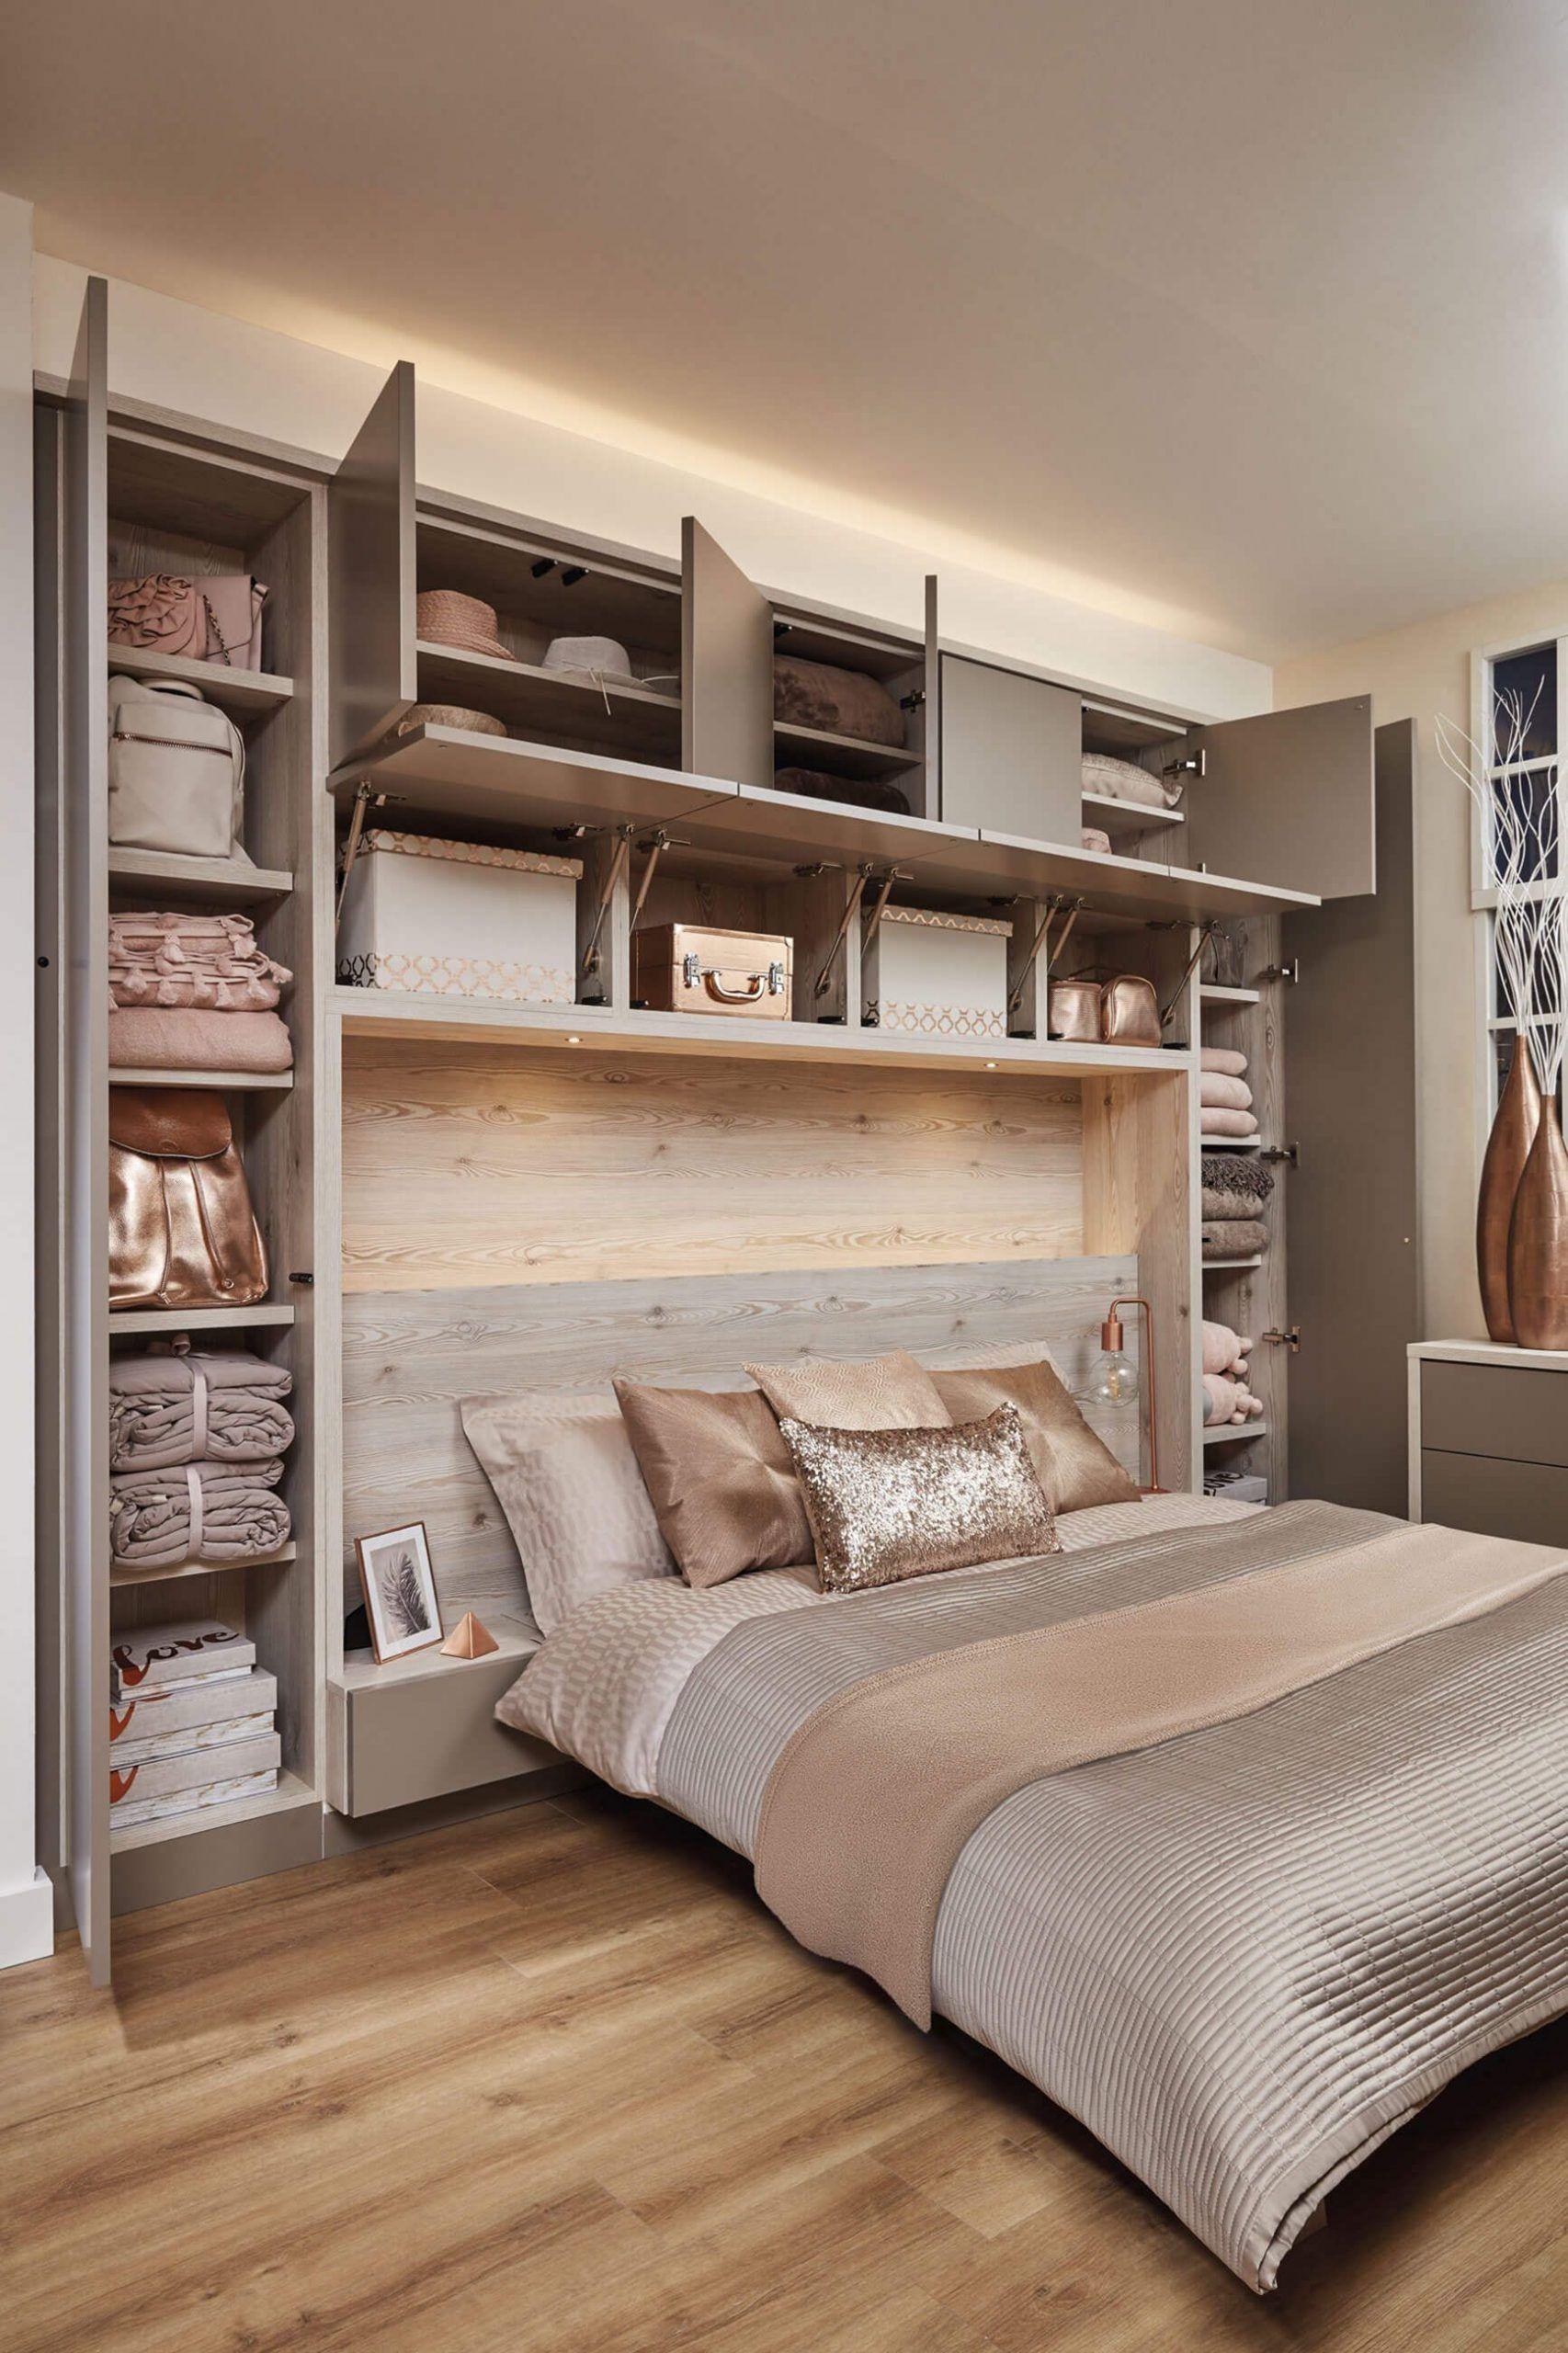 10 einfache schmale Schlafzimmer-Designs, die Sie in Ihrem kleinen Haus ausprobieren müssen#ausprobieren #die #einfache #haus #ihrem #kleinen #müssen #schlafzimmerdesigns #schmale #sie